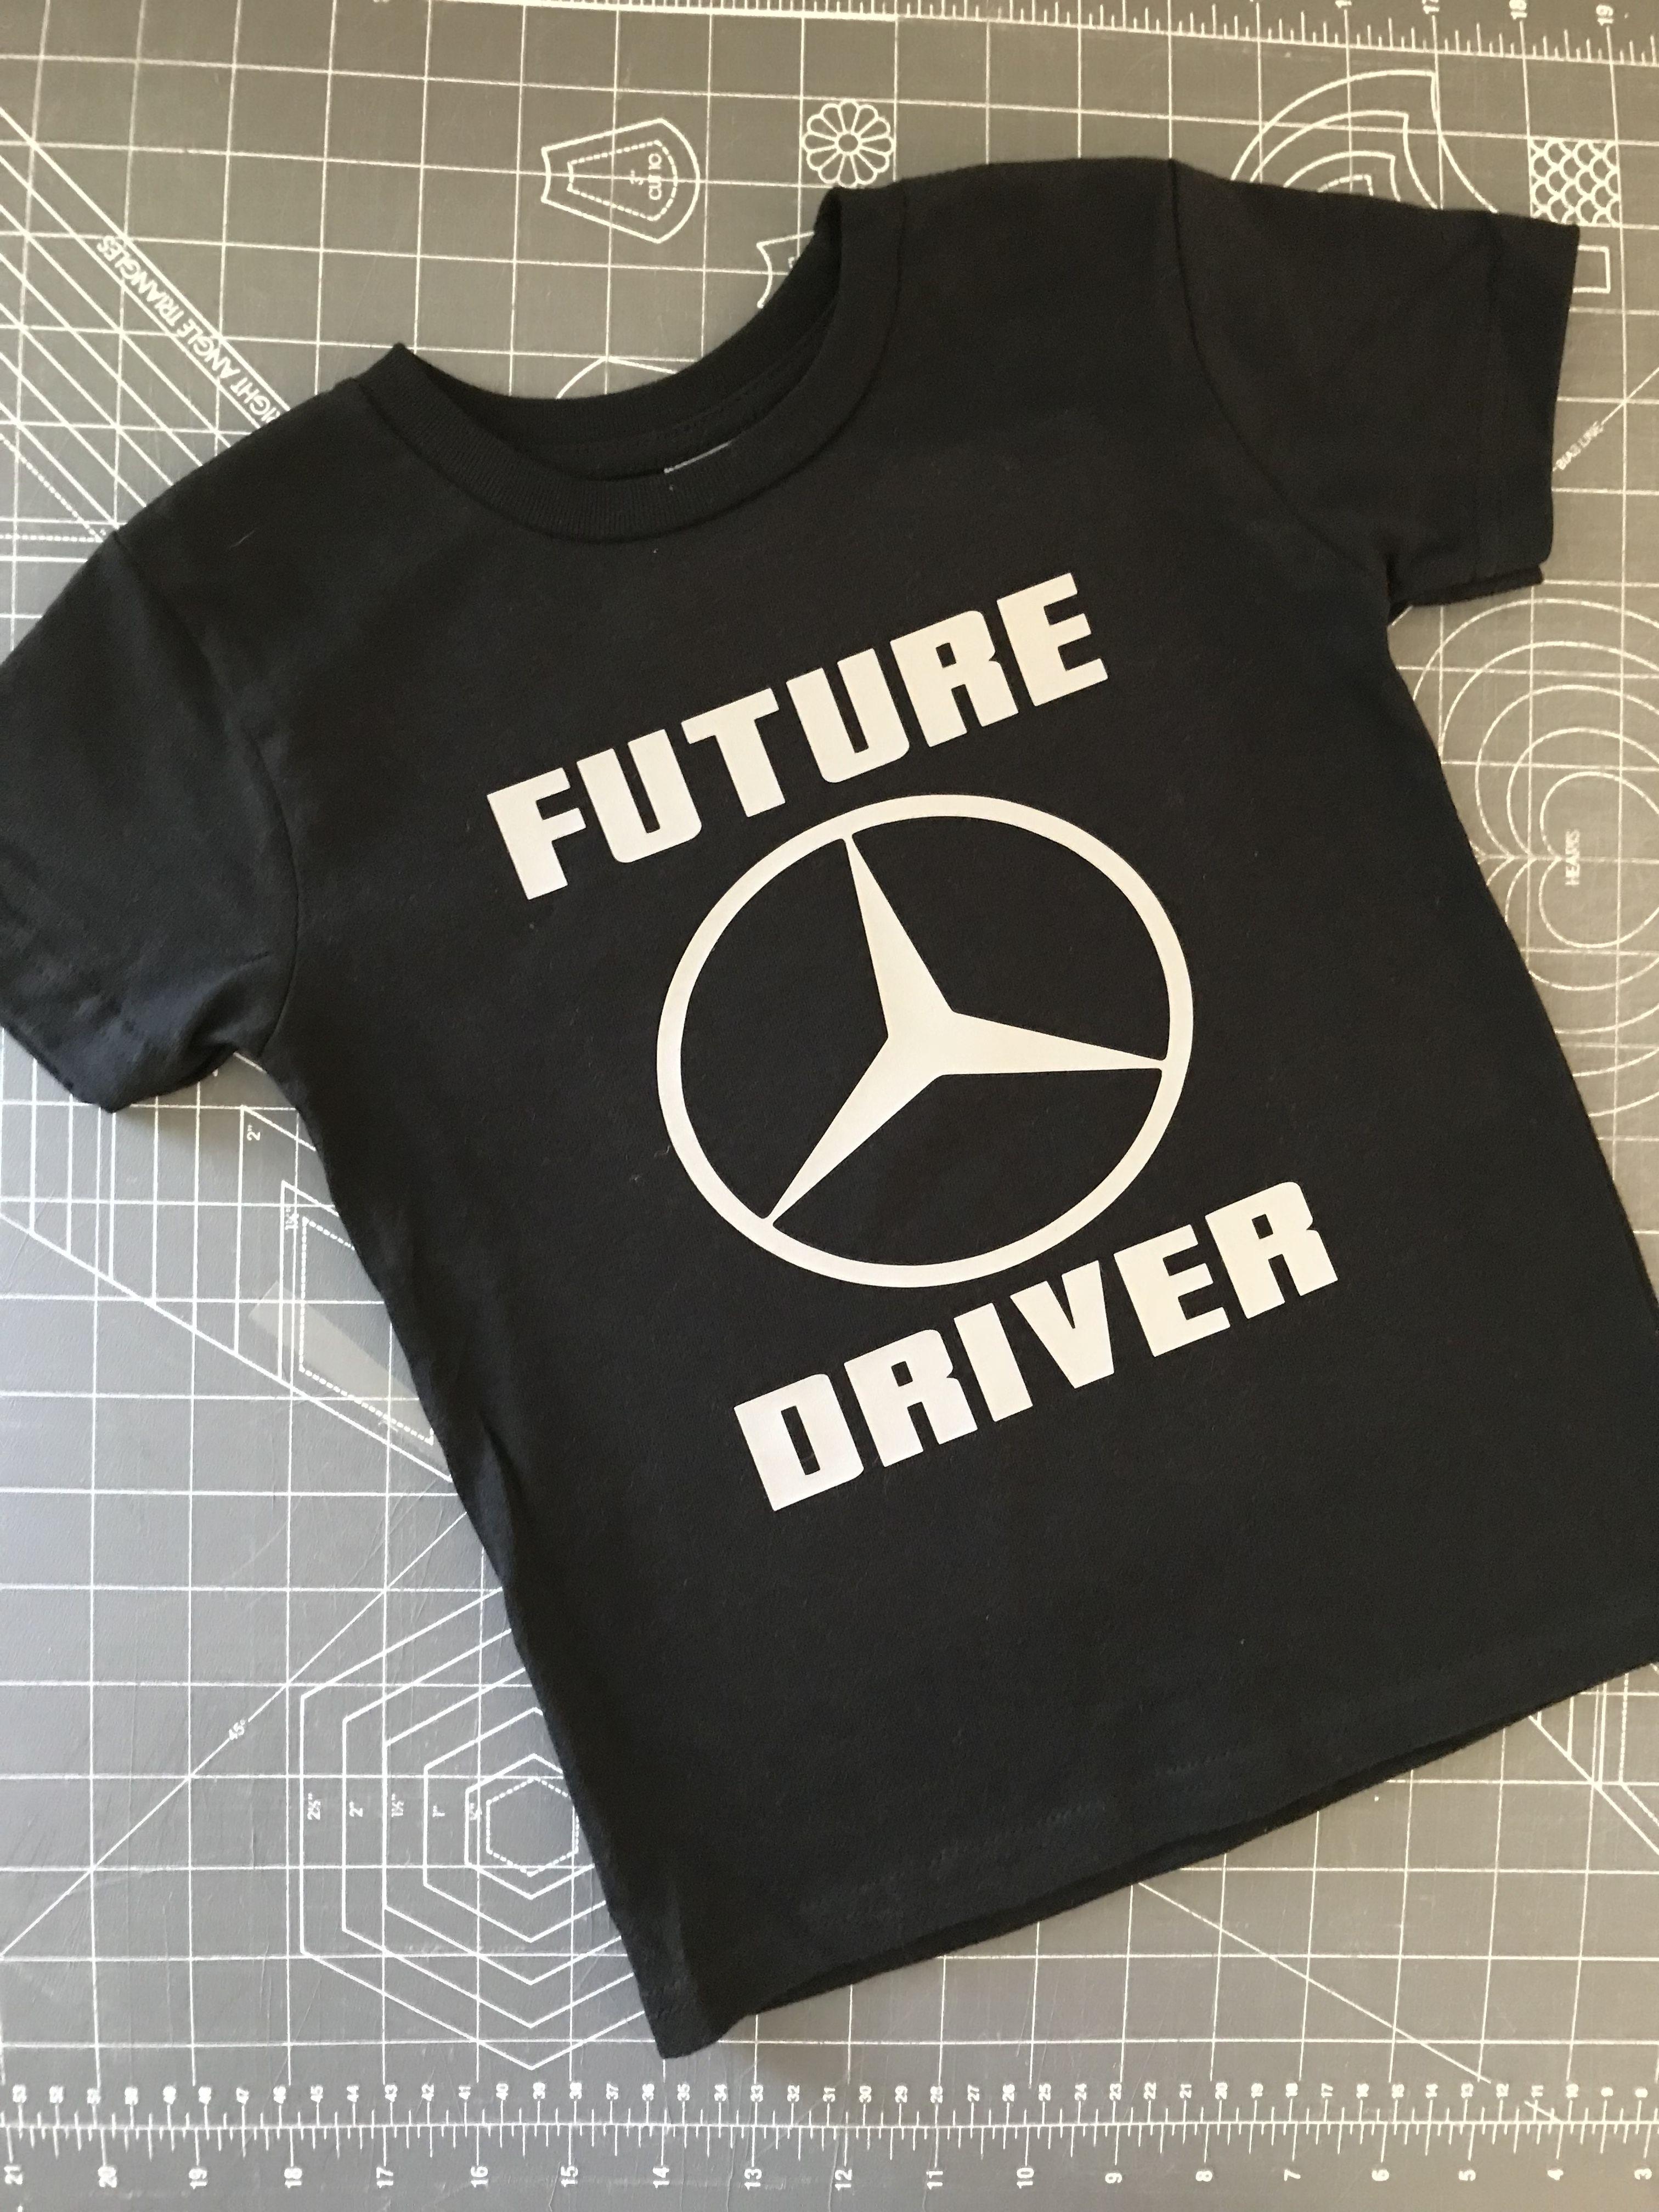 t tt benz boost shirt cars jdm pdx teez vw customteez clutch illest sport quattro gas shirts mercedes turbo dope custom audi